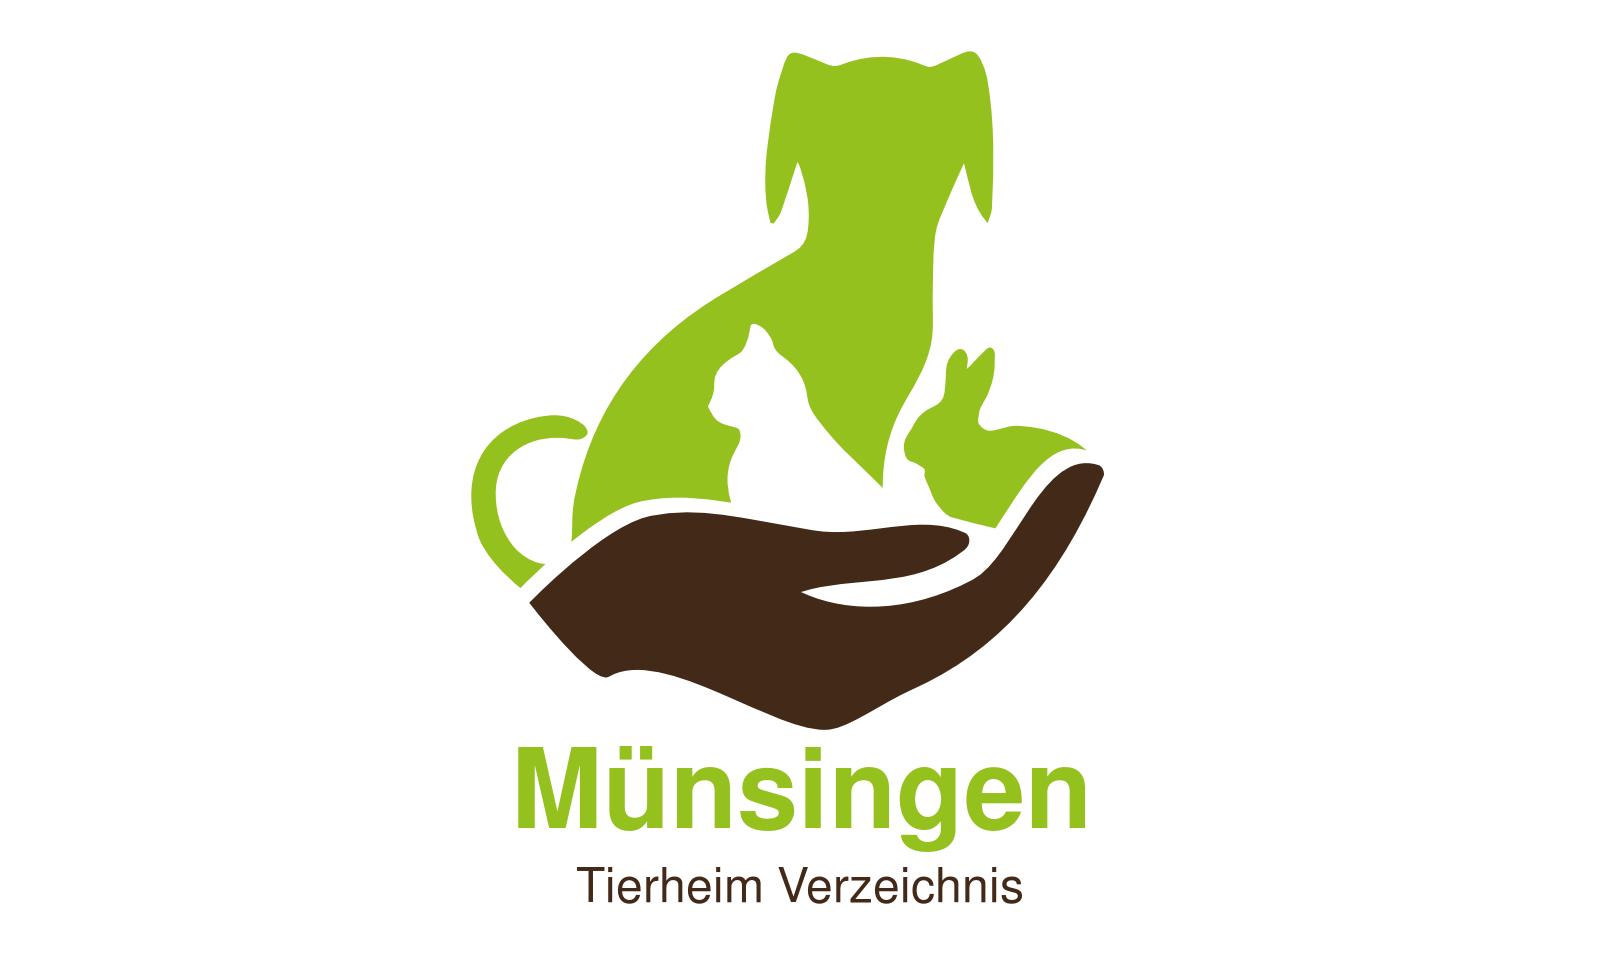 Tierheim Münsingen